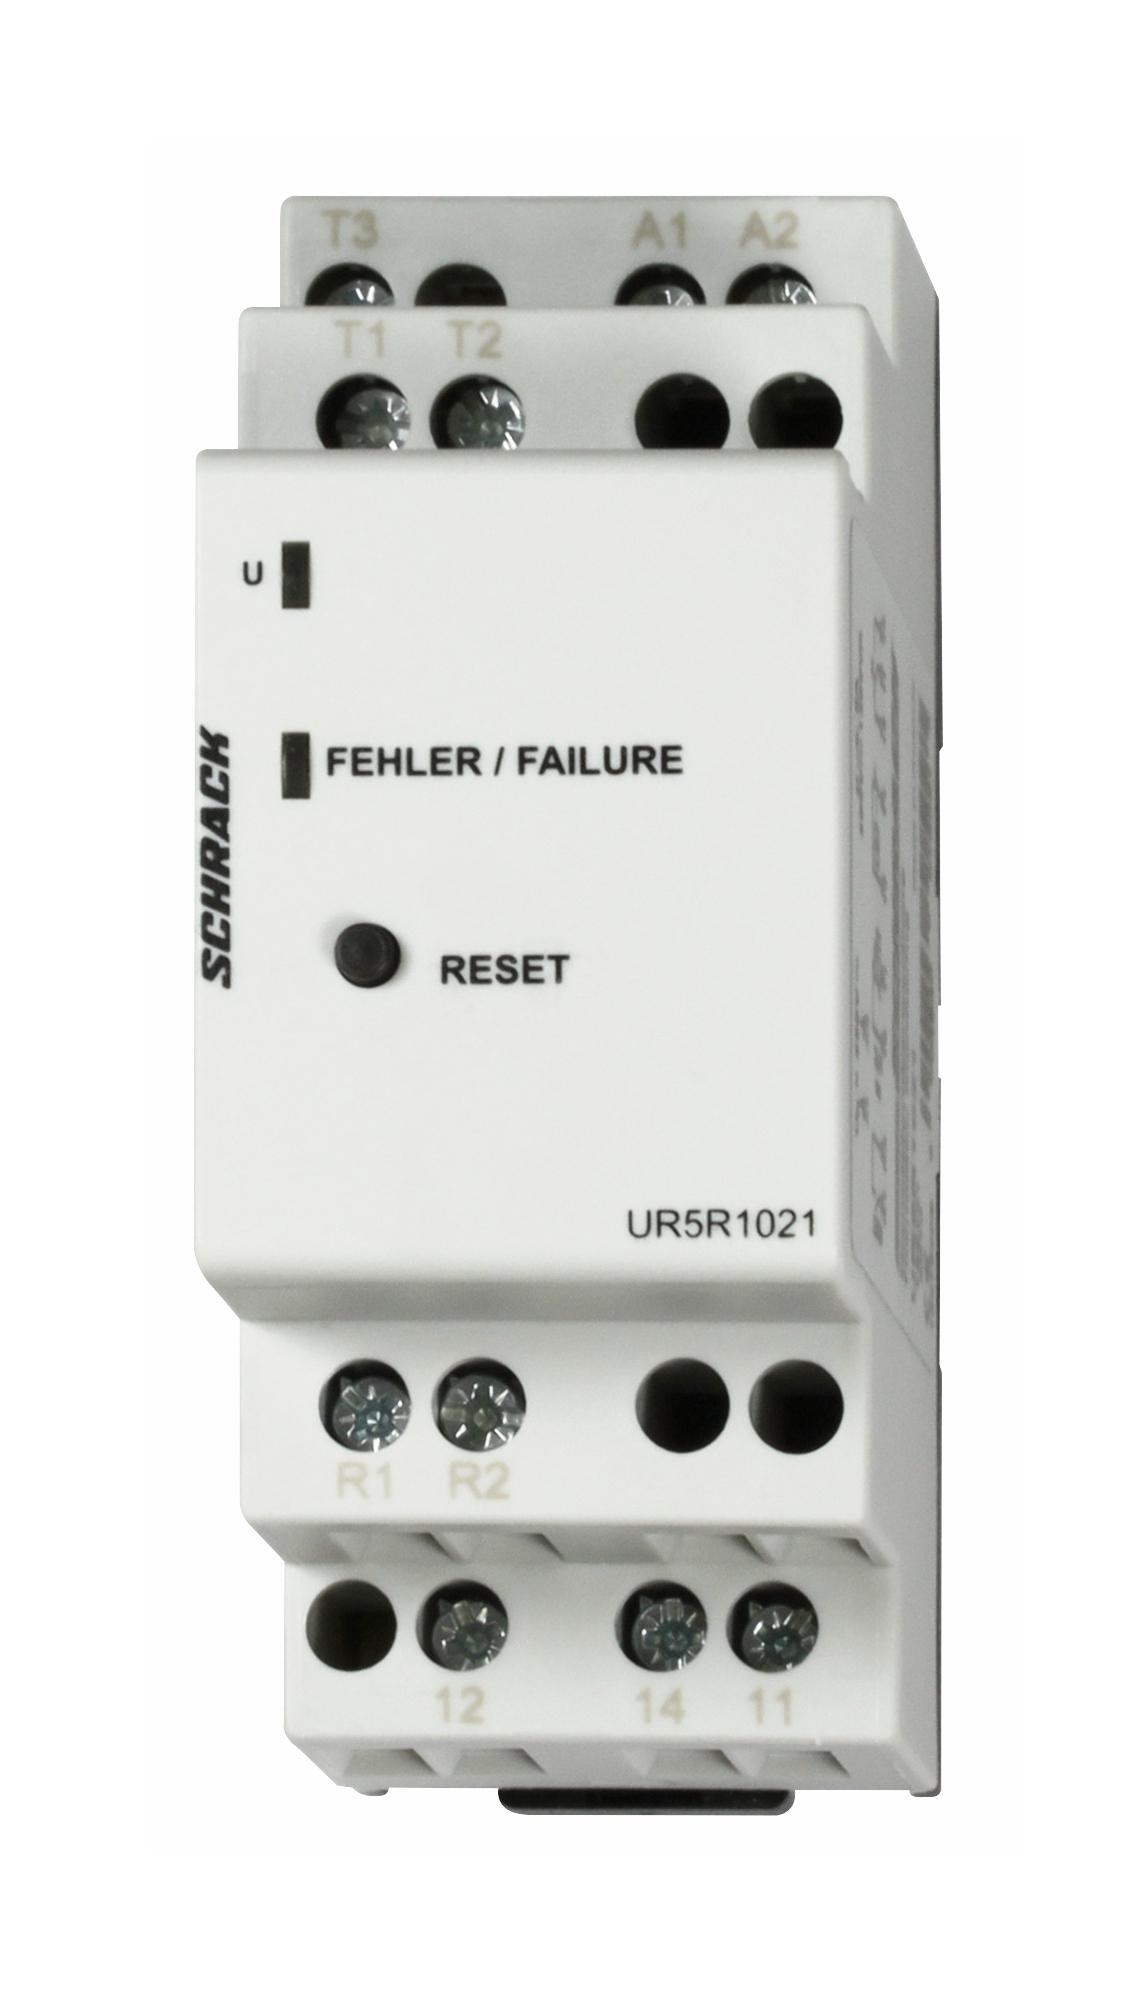 UR5R1021 - Schrack Technik